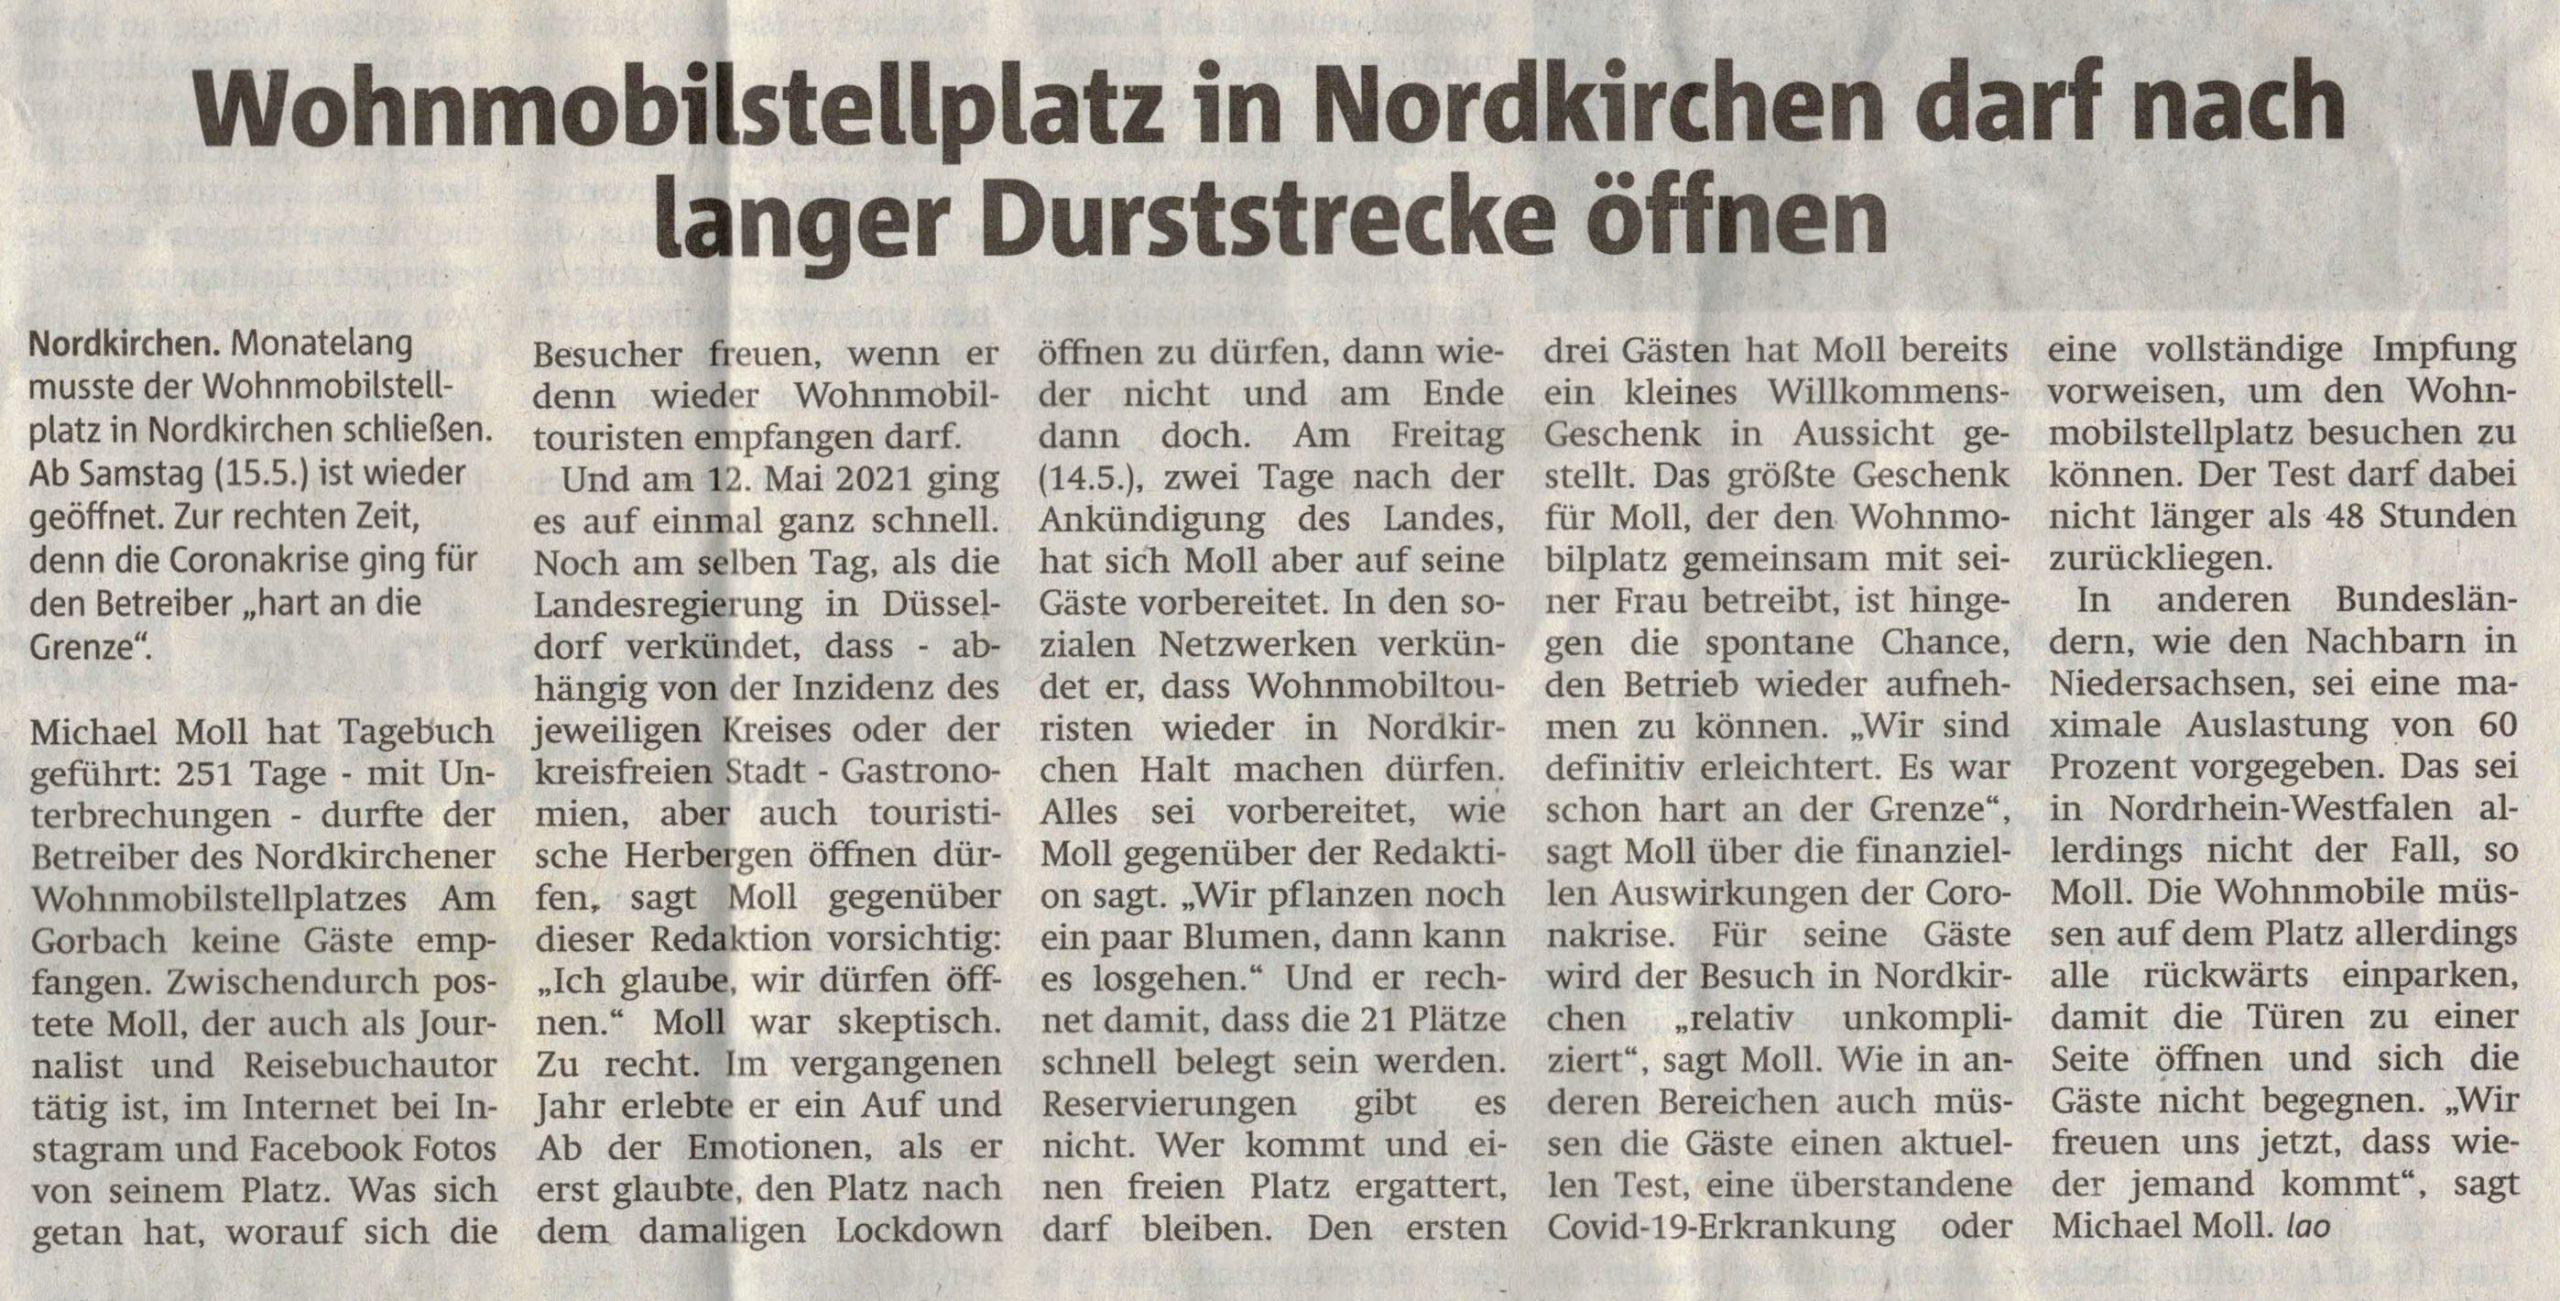 Ruhrnachrichten vom 15. Mai 2021